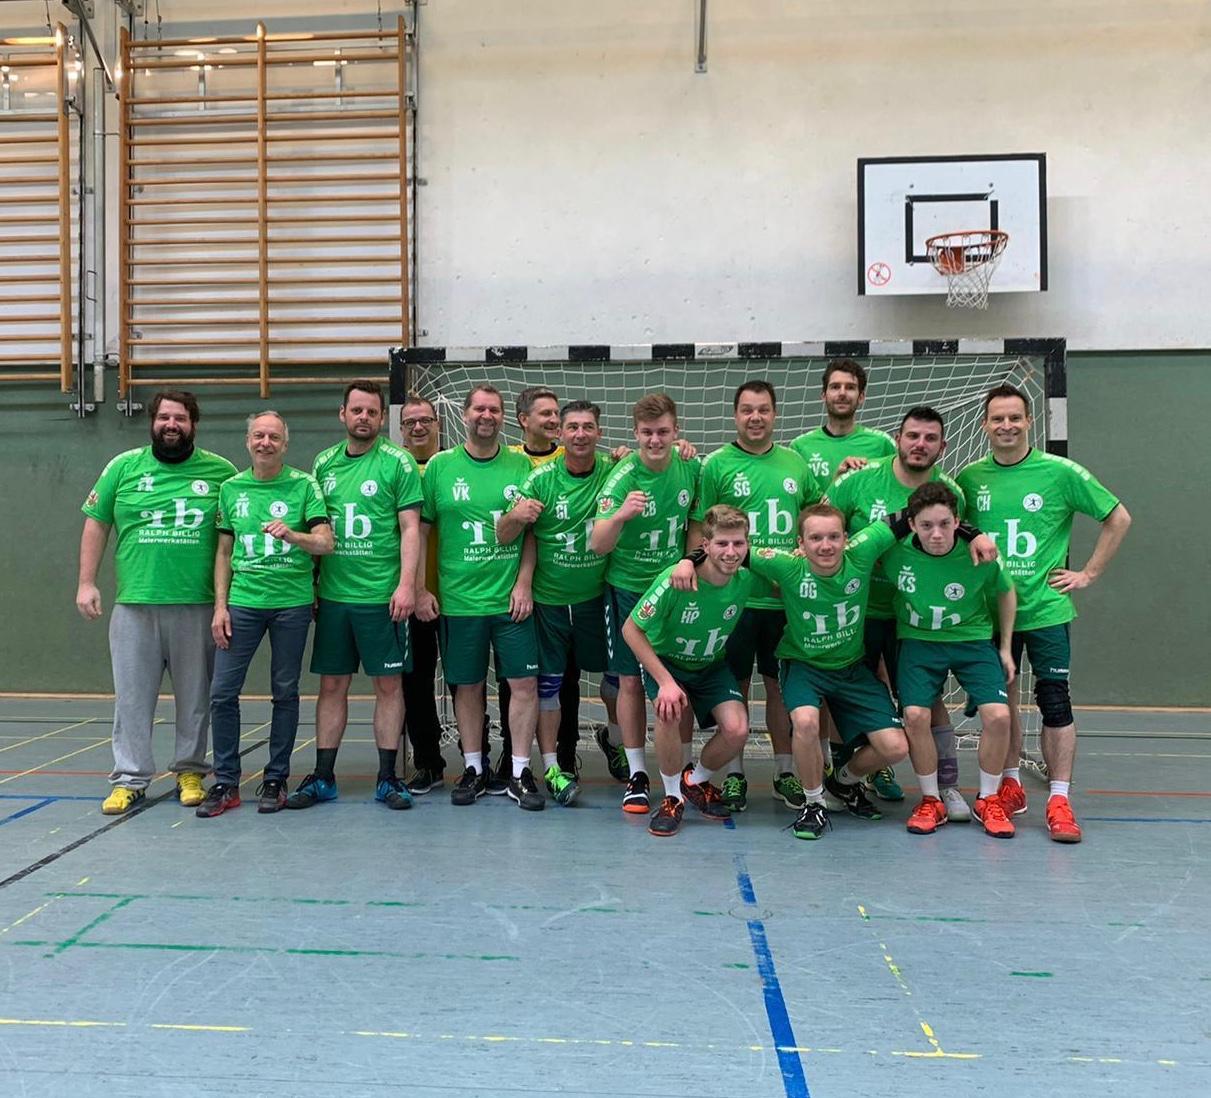 SC Janus Köln 2 – HSG Rösrath/Forsbach 3 20:28 (10:18)